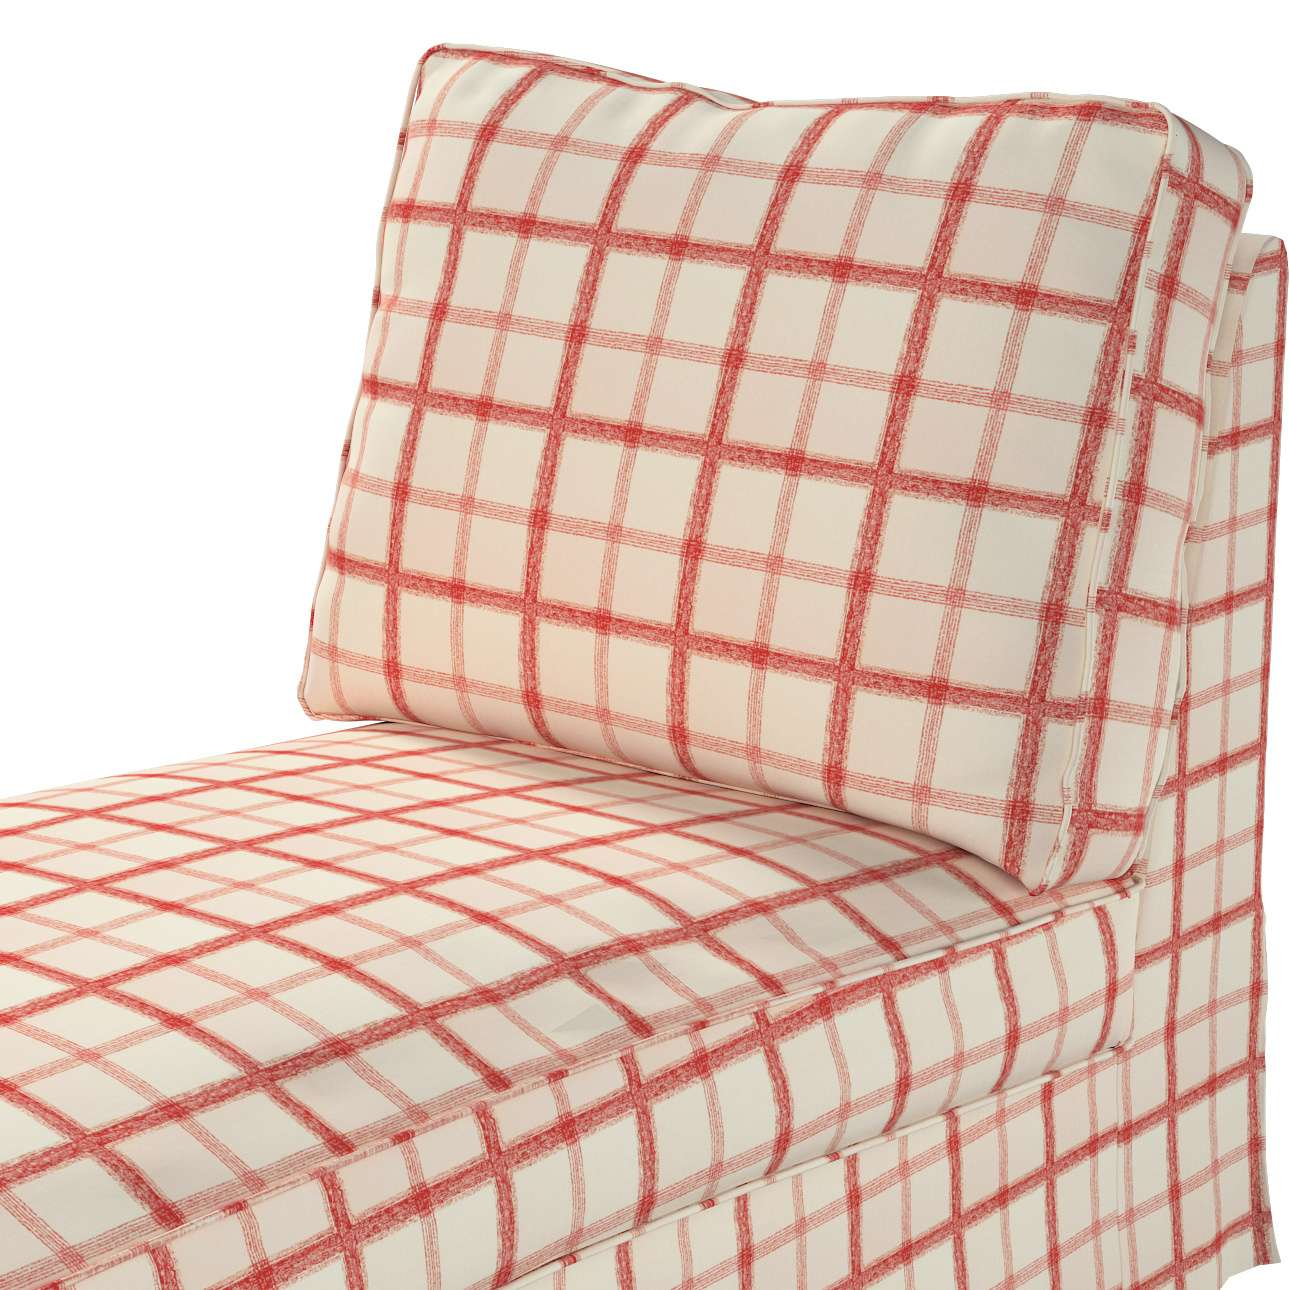 Pokrowiec na szezlong/ leżankę Ektorp wolnostojący prosty tył w kolekcji Avinon, tkanina: 131-15